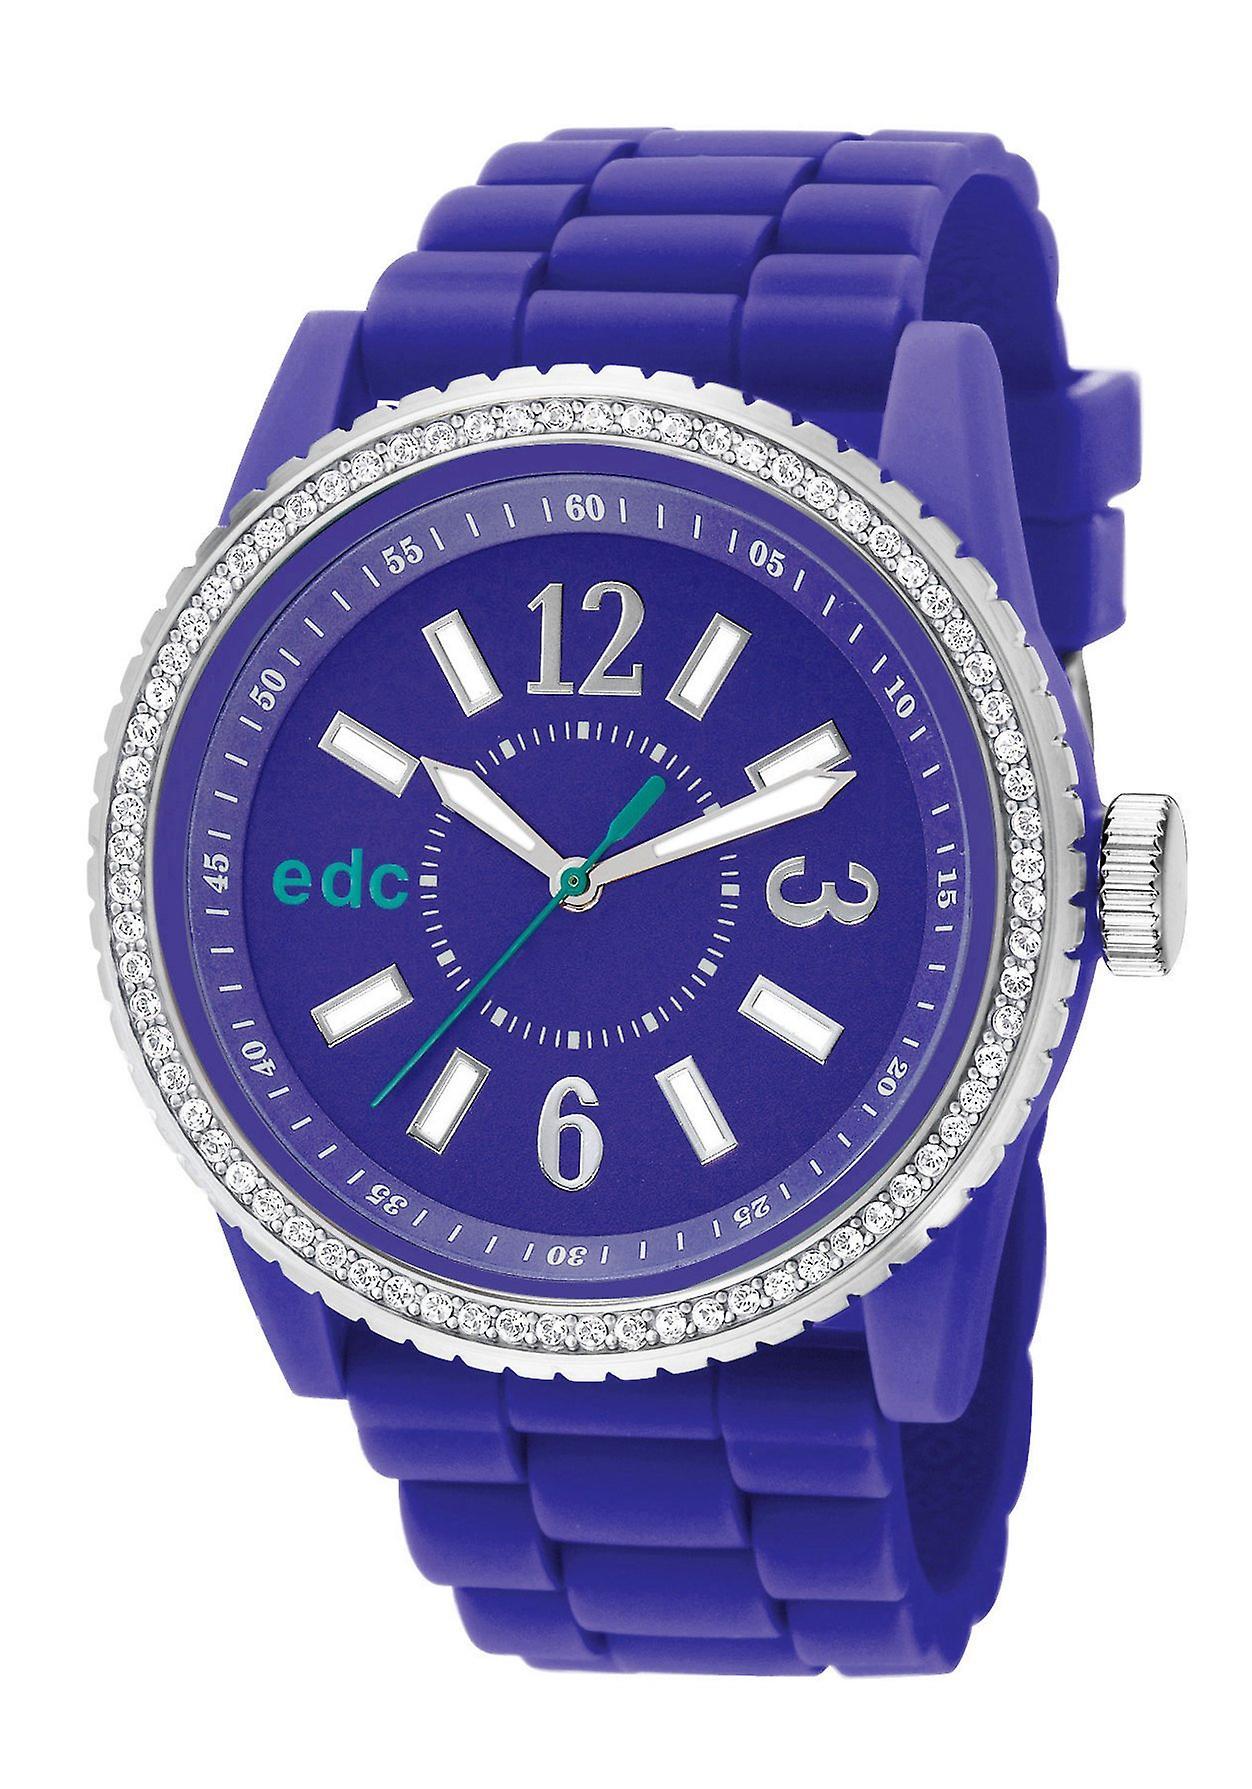 EDC Damenuhr Disco Glam Envy Violet (EE101032003)